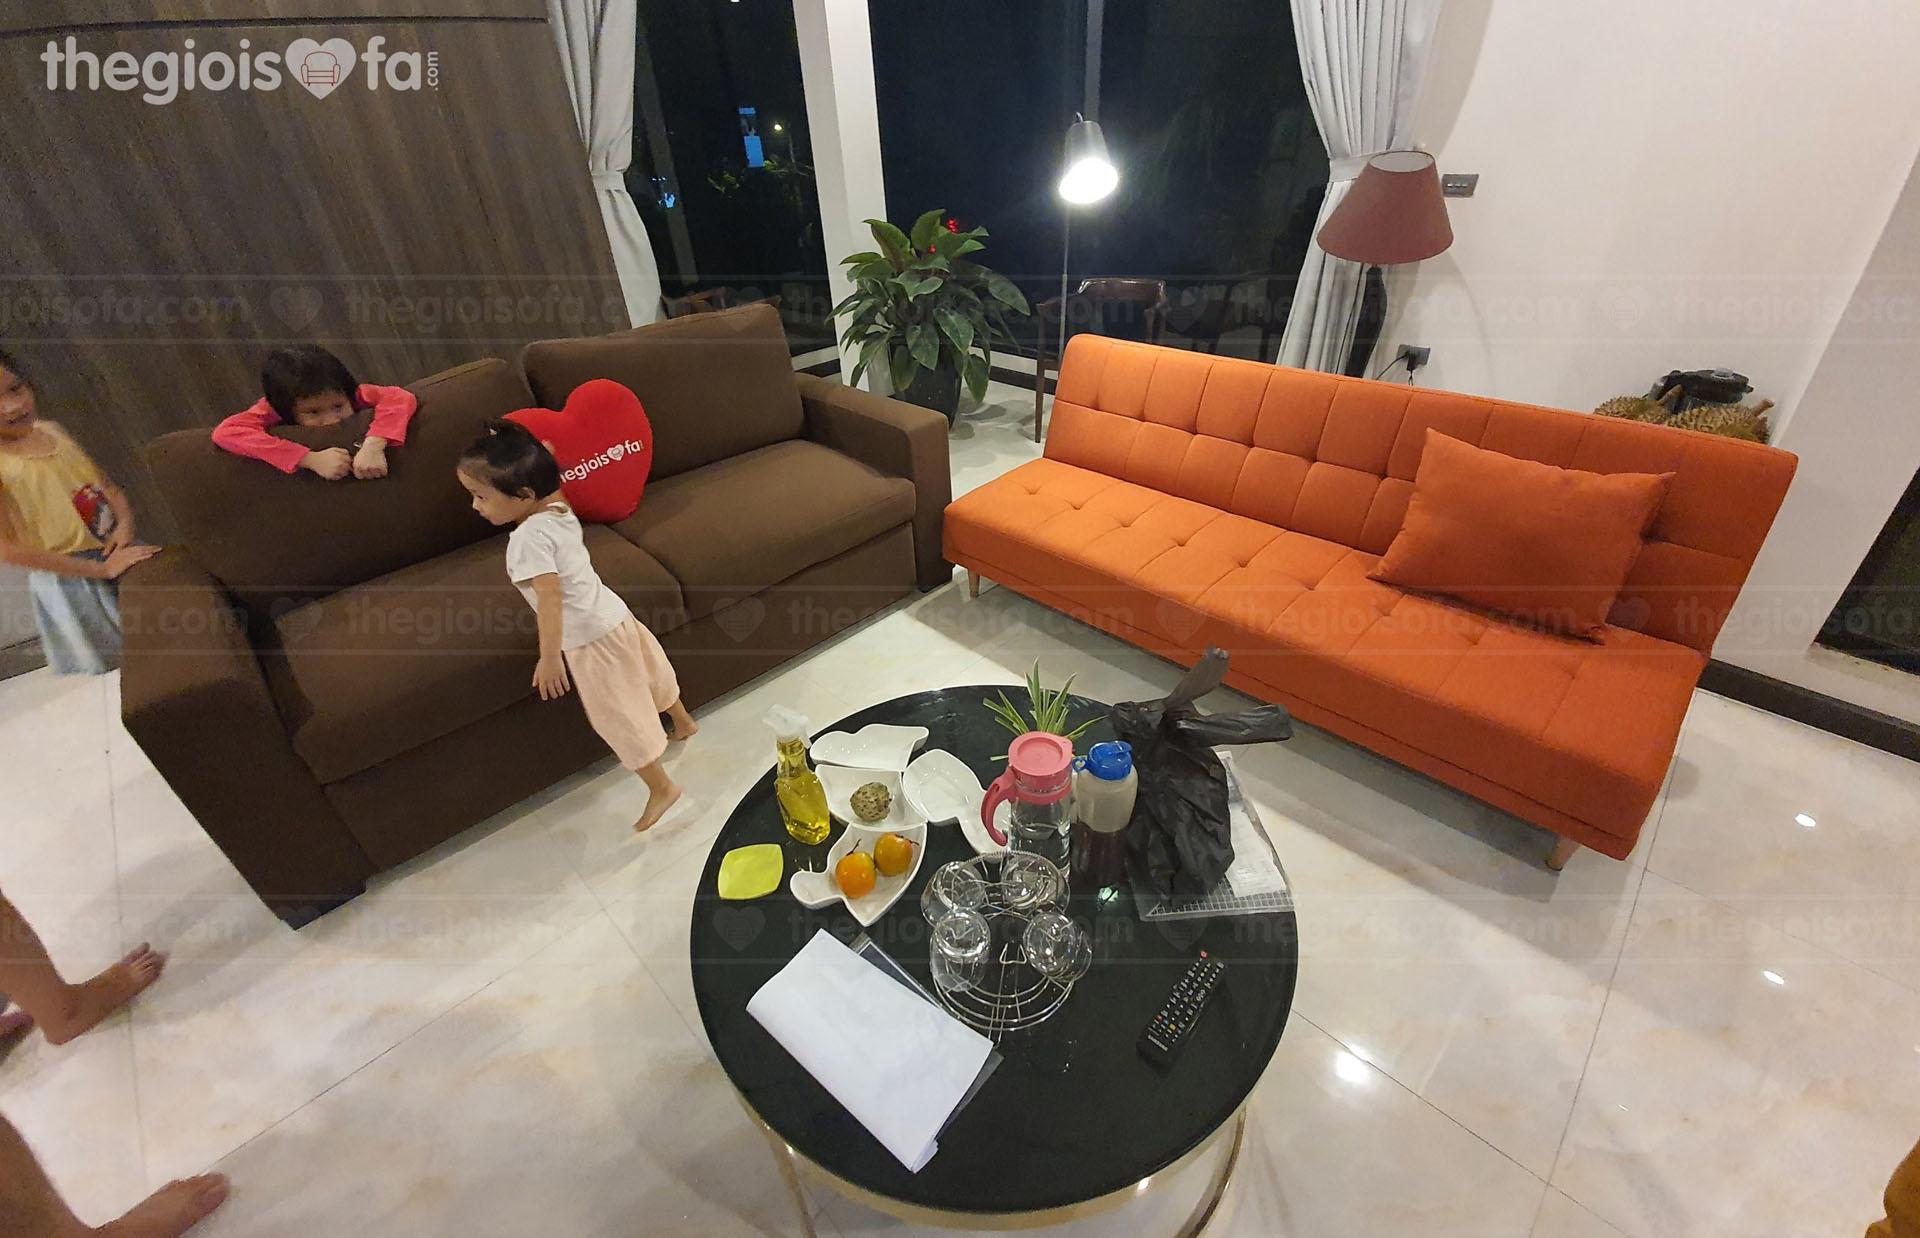 Giao hàng combo sofa giường giá rẻ Vincenzo, sofaland Vera Oranges cho anh Đức tại Xuân Trạch – Huyện Đông Anh